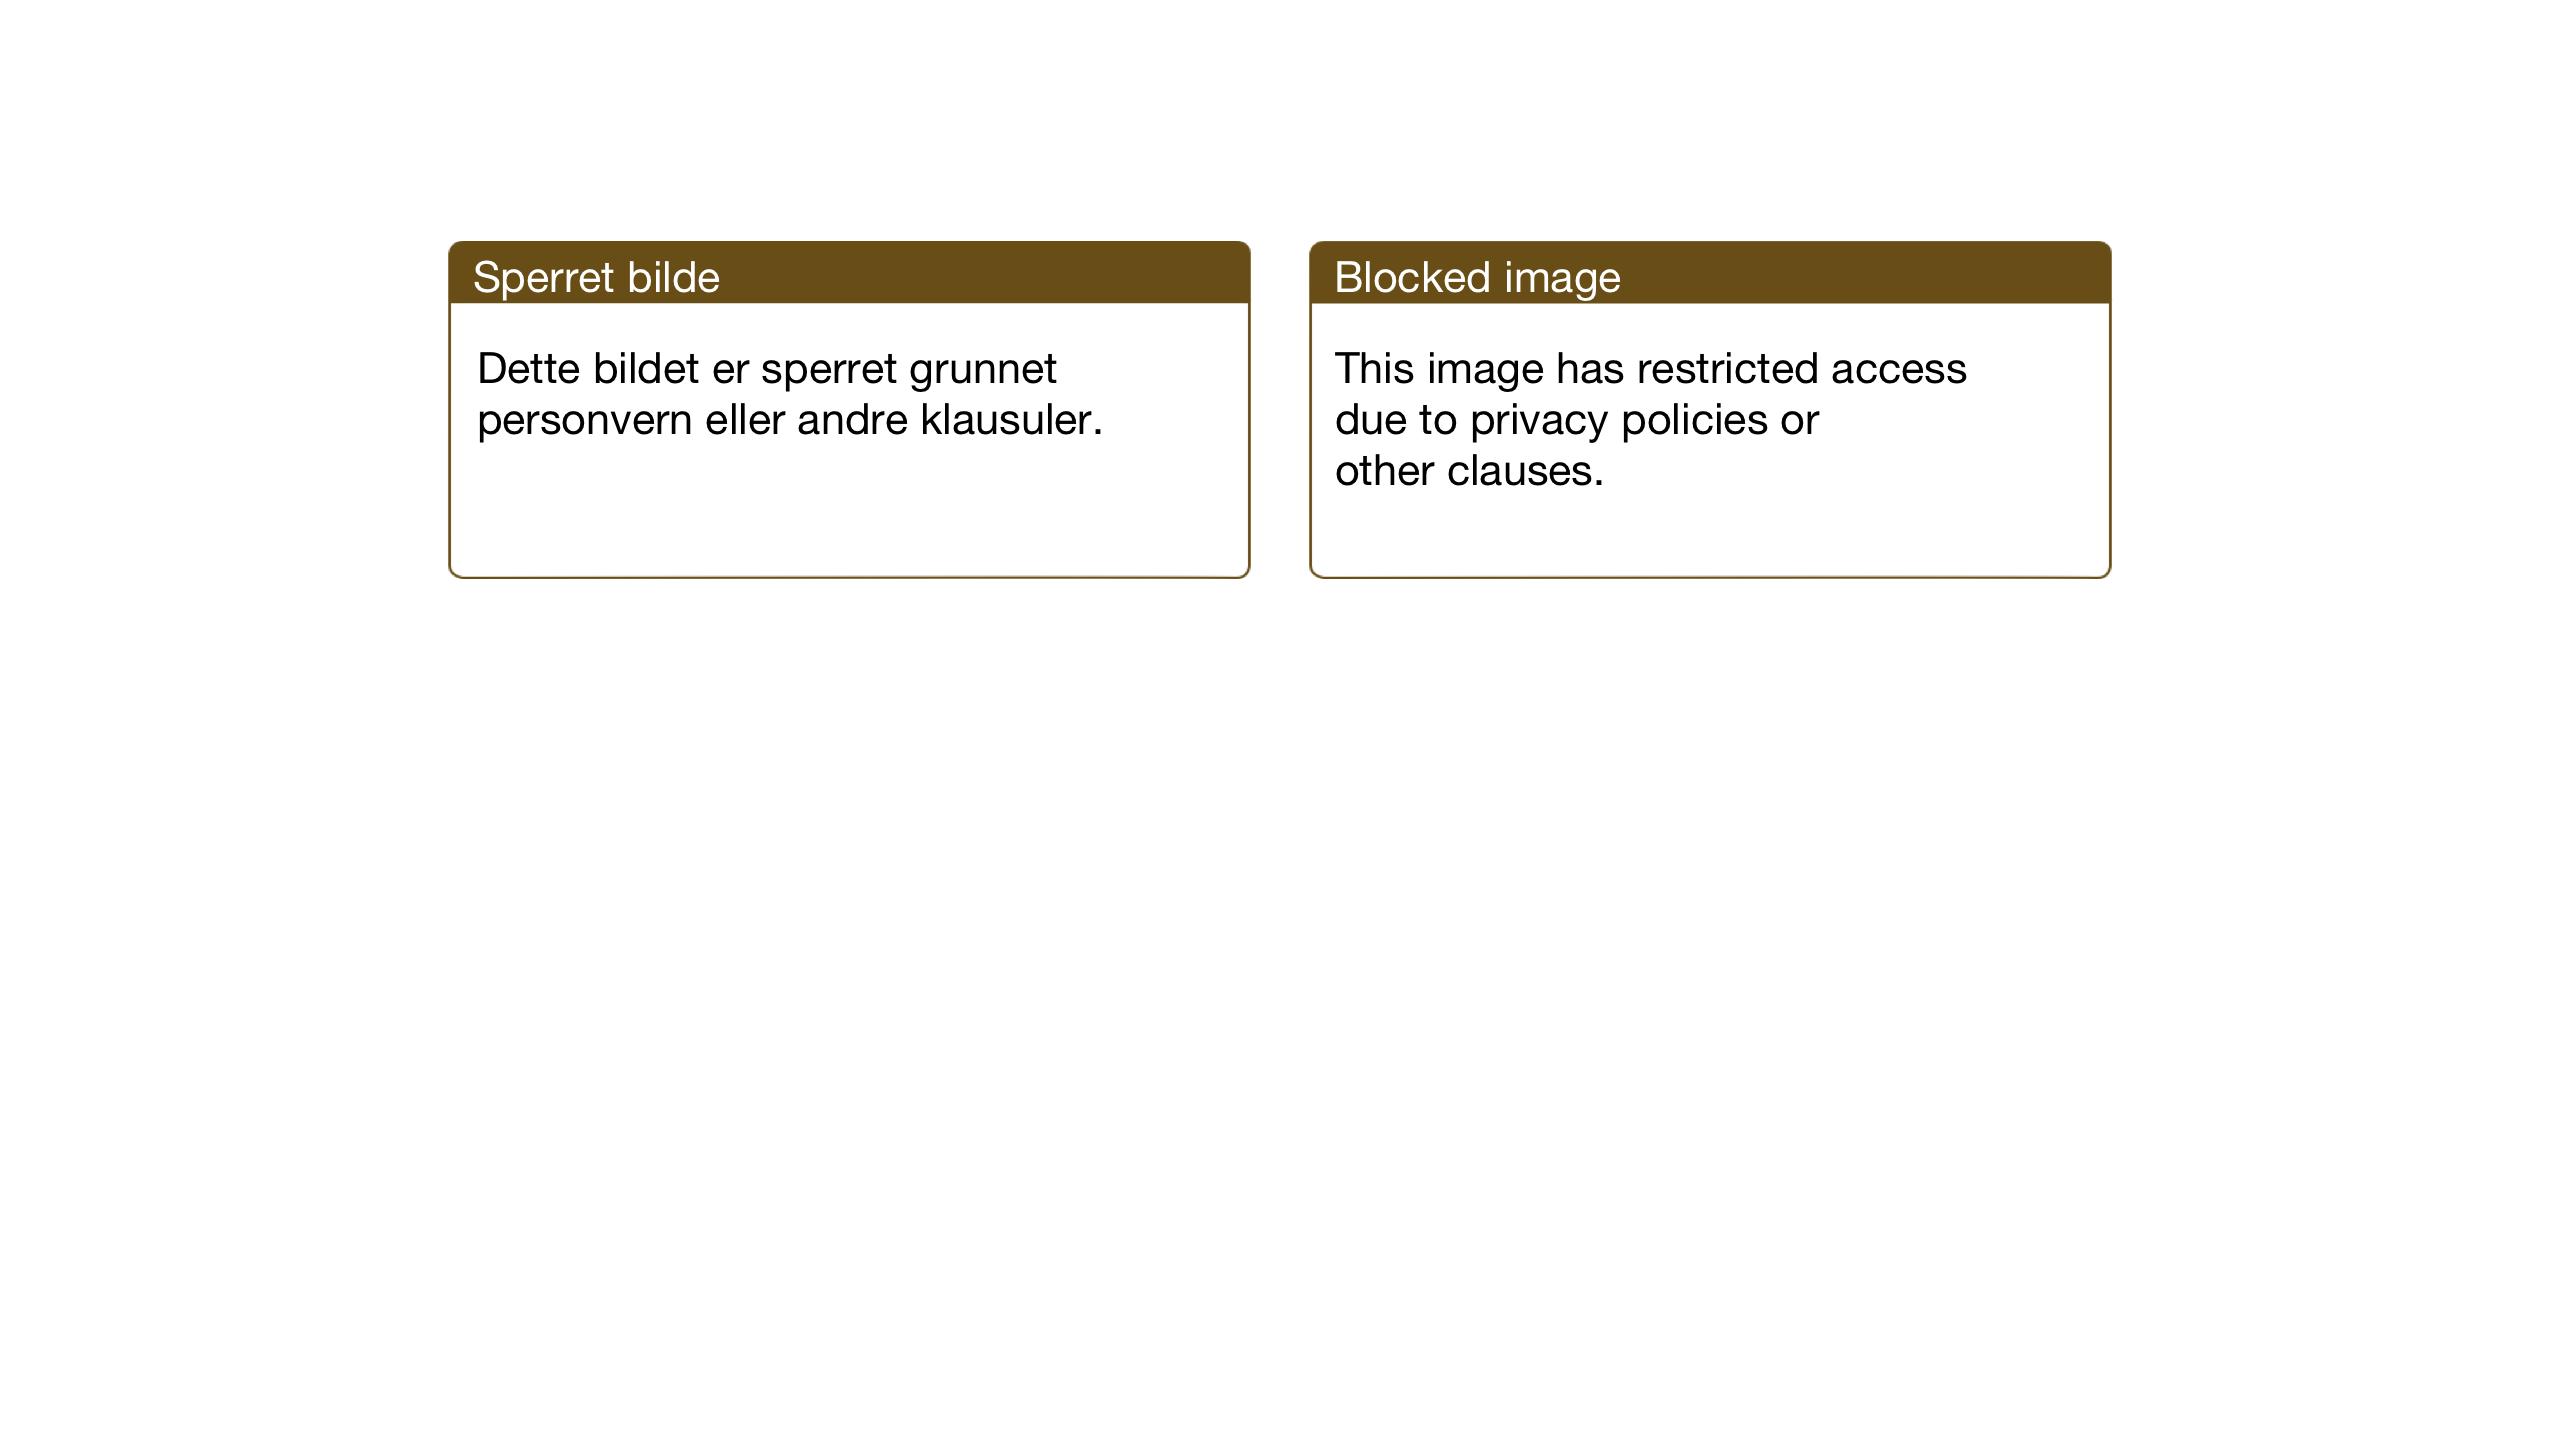 SAT, Ministerialprotokoller, klokkerbøker og fødselsregistre - Nord-Trøndelag, 701/L0019: Klokkerbok nr. 701C03, 1930-1953, s. 46